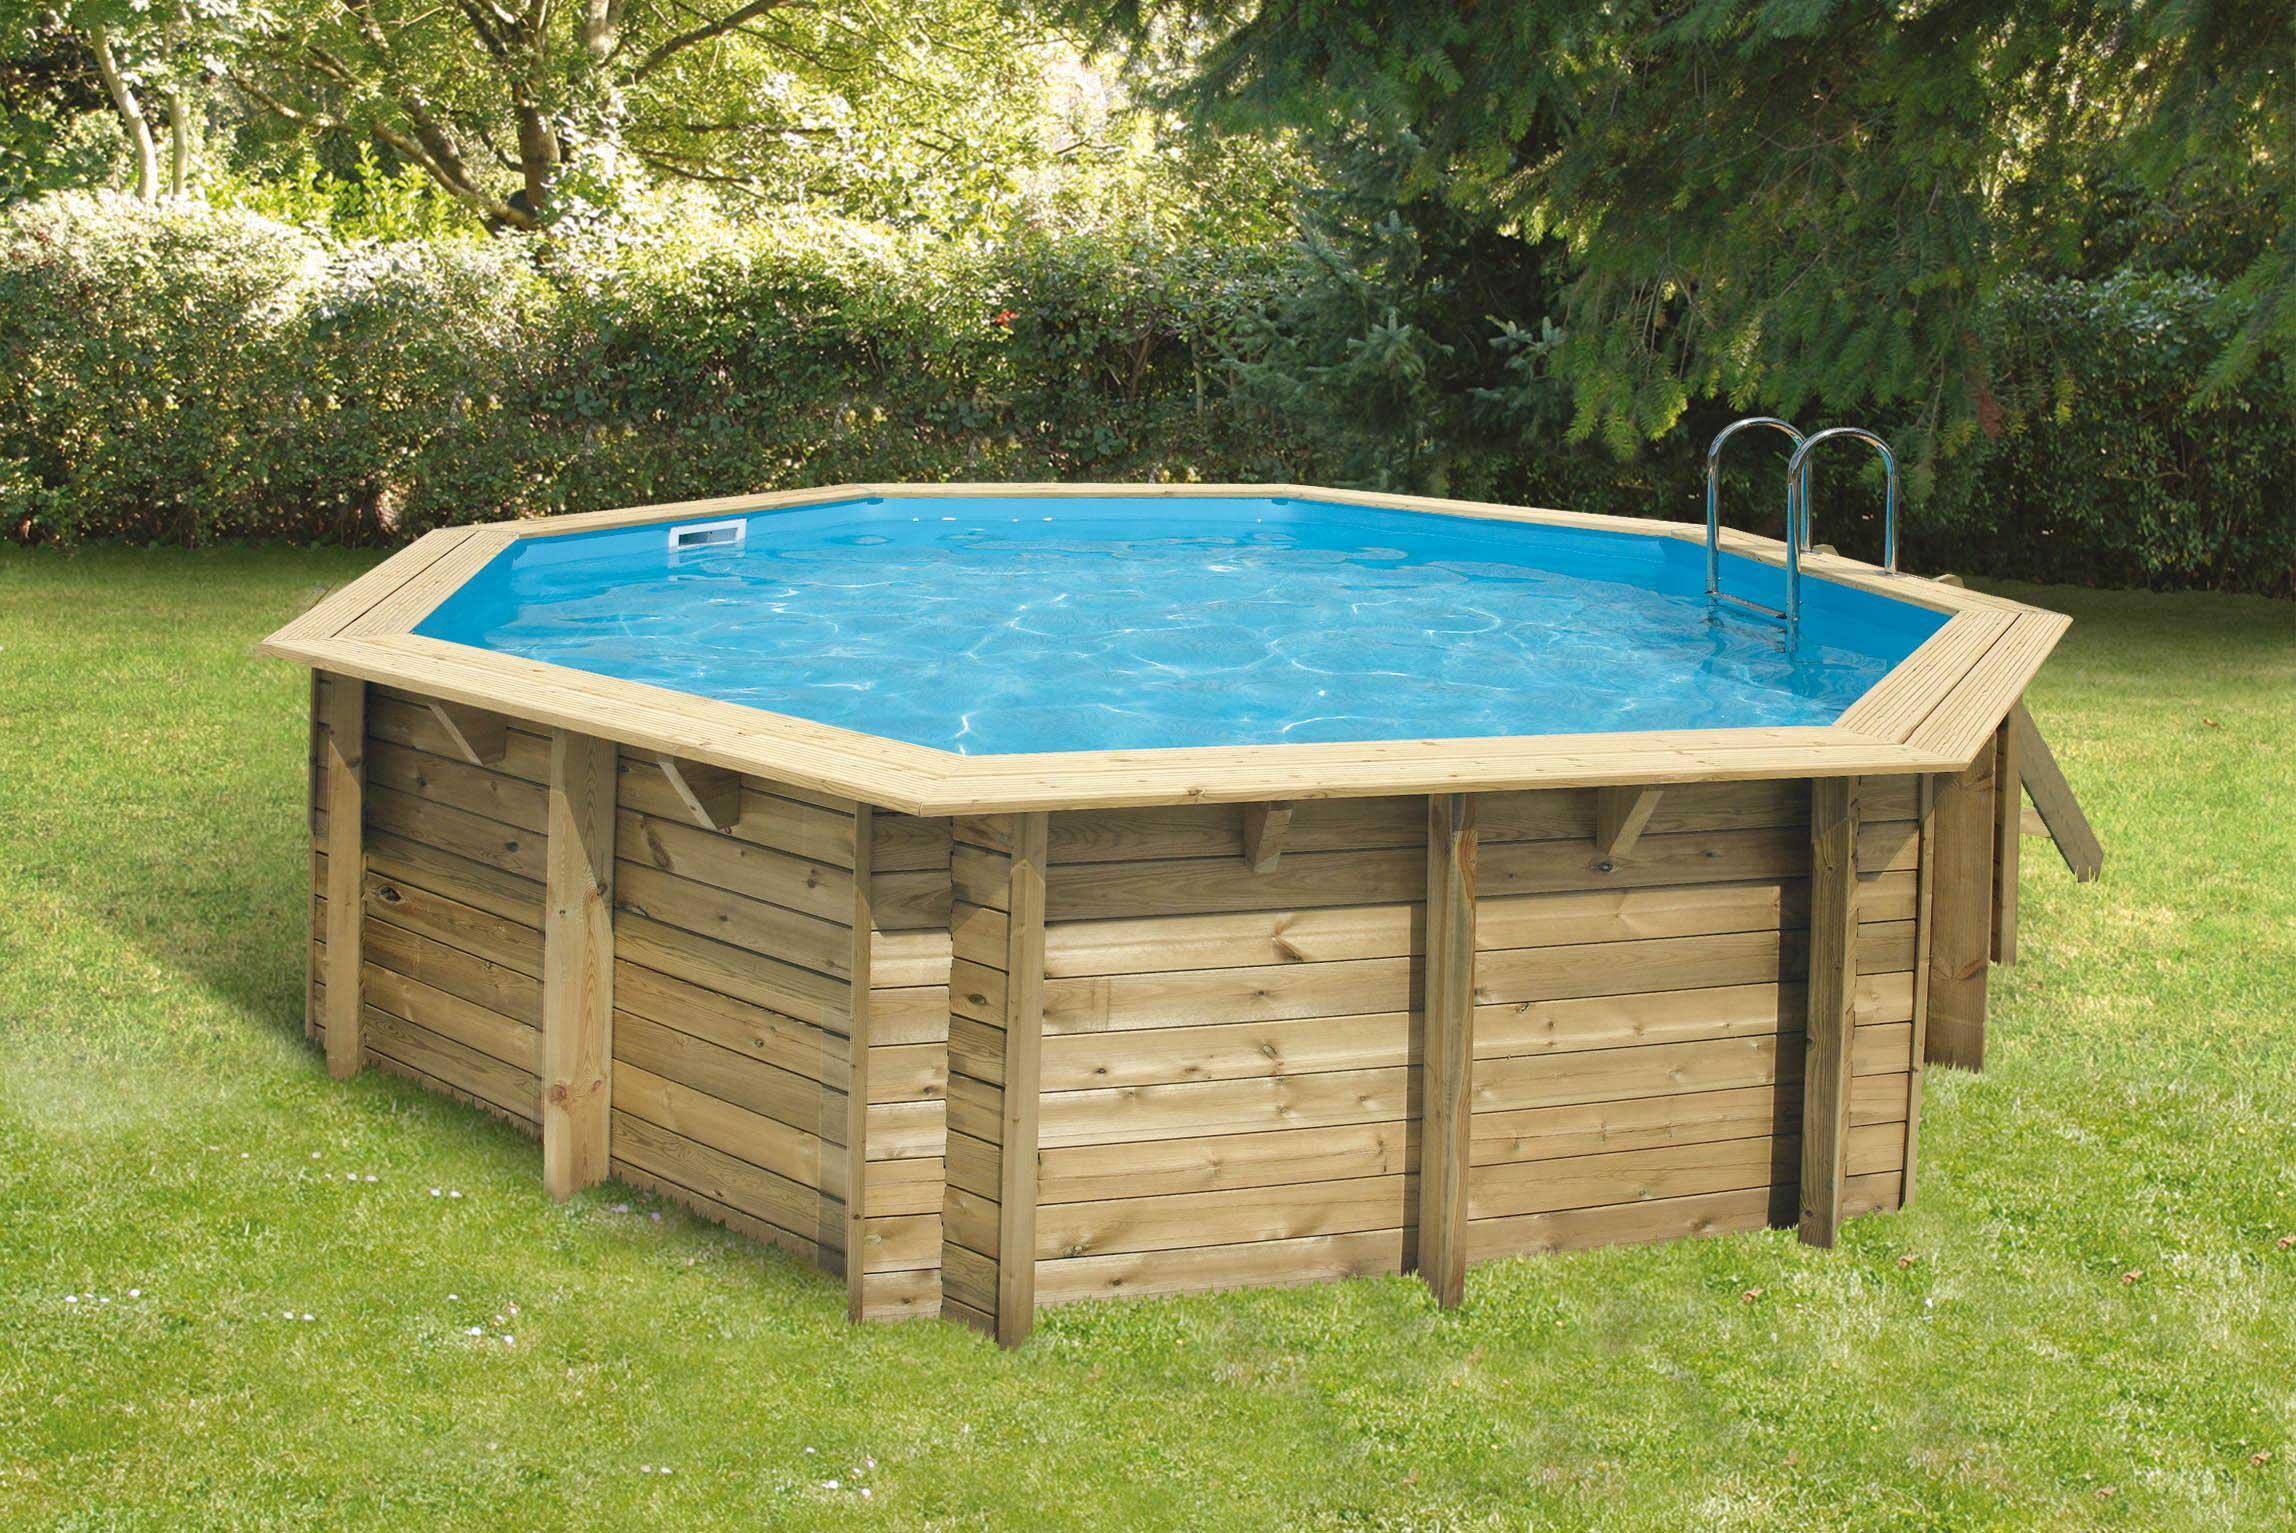 Piscine hors sol en bois arts et voyages for Projecteur piscine hors sol bois